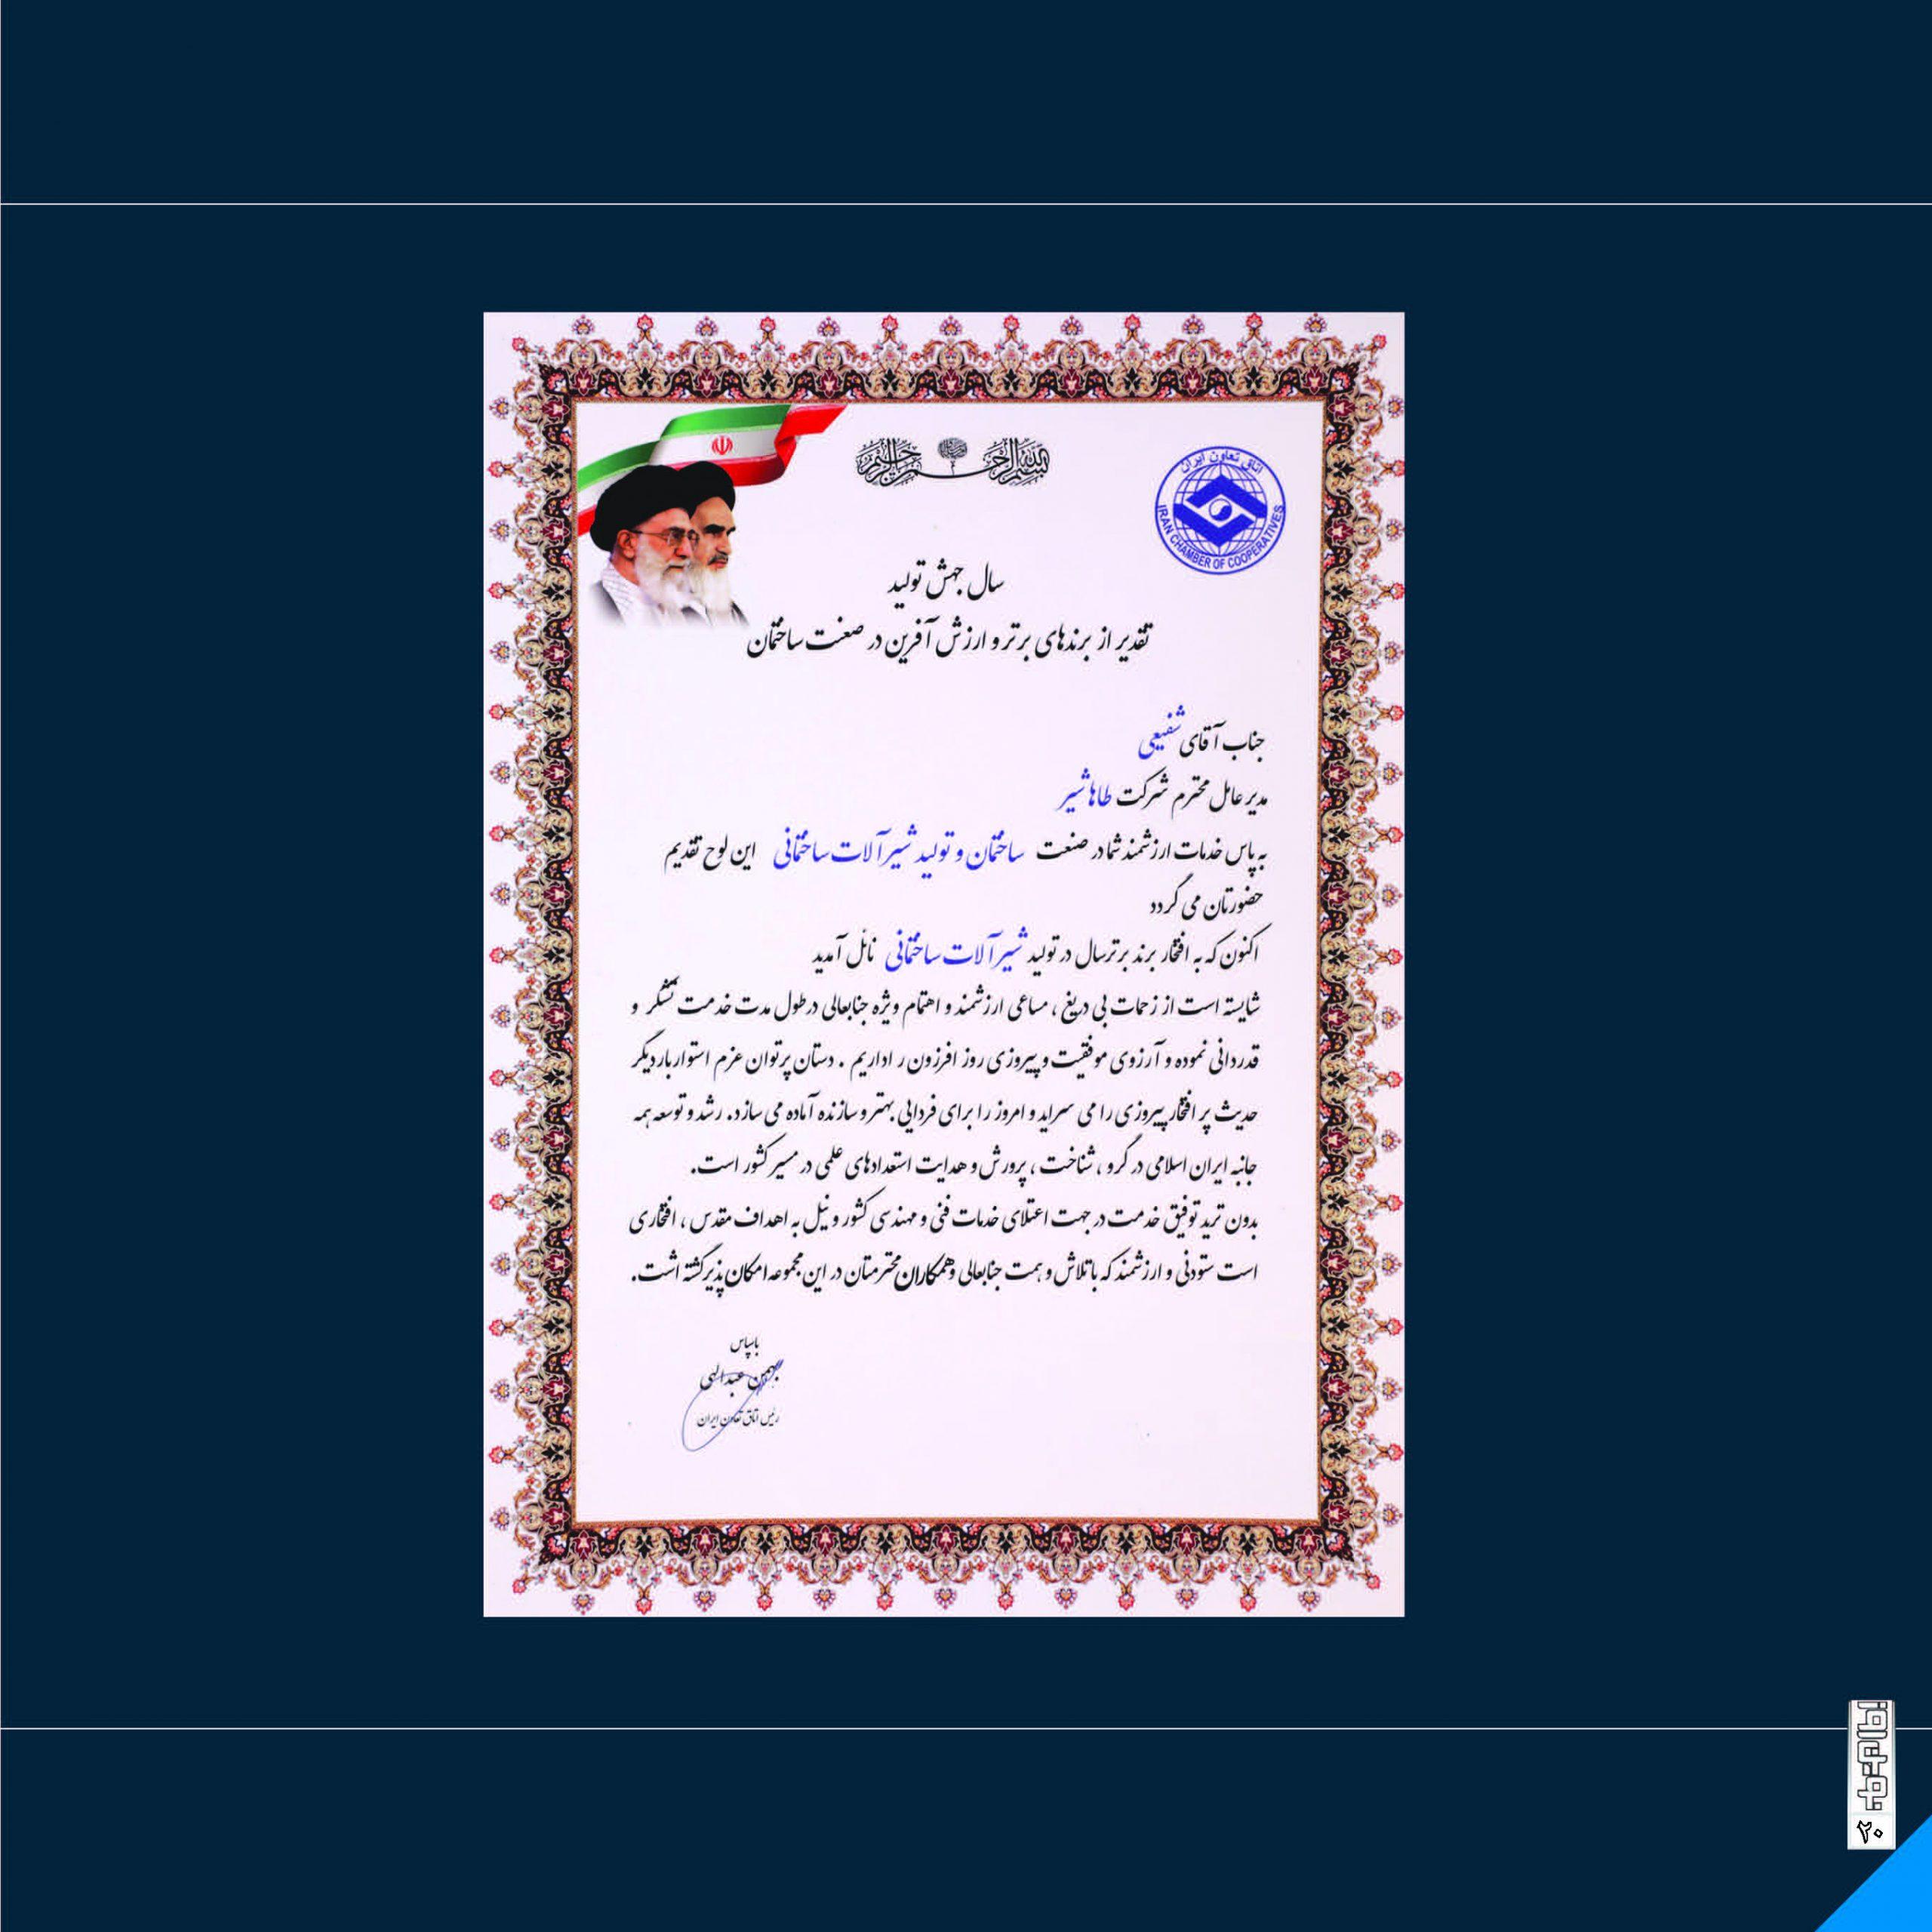 طاهاشیر-مجله64-1